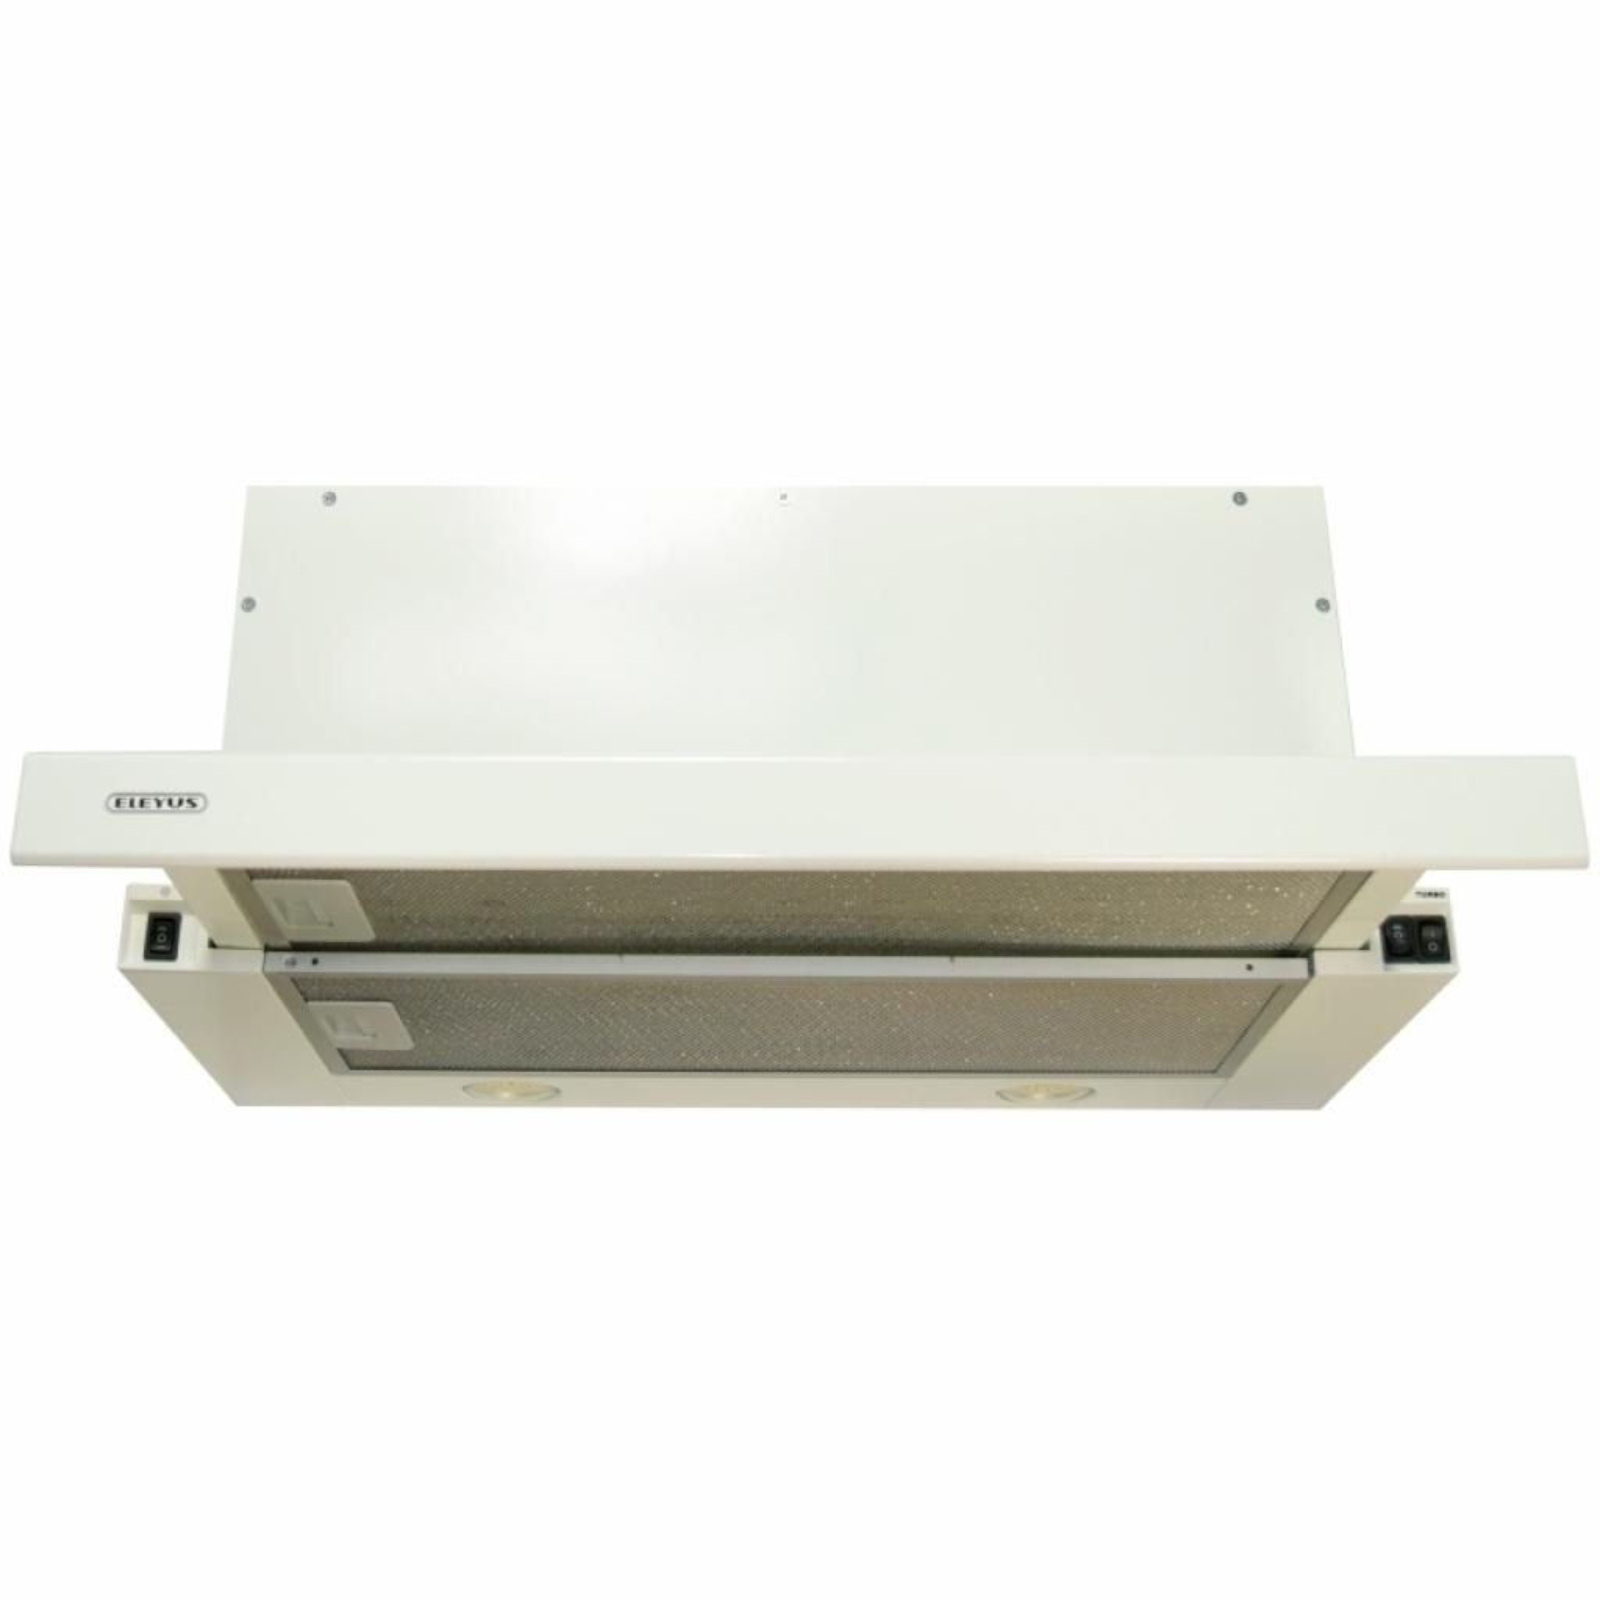 Вытяжка кухонная ELEYUS Storm 1200 LED 60 WH изображение 2